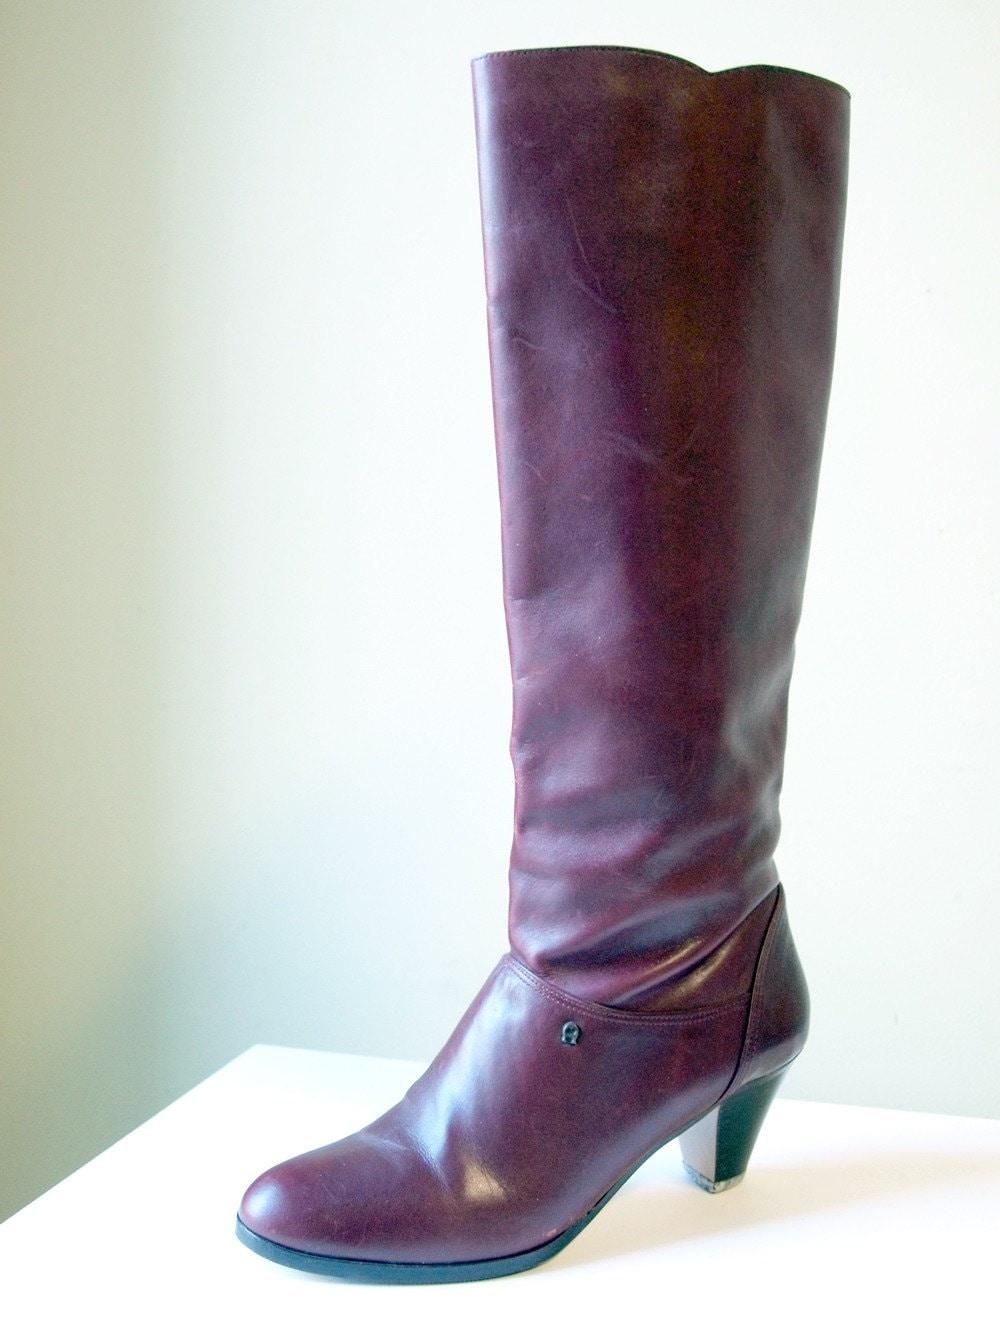 Maiden Voyage -  Maroon Vintage Etienne Aigner Boots - Size 8N